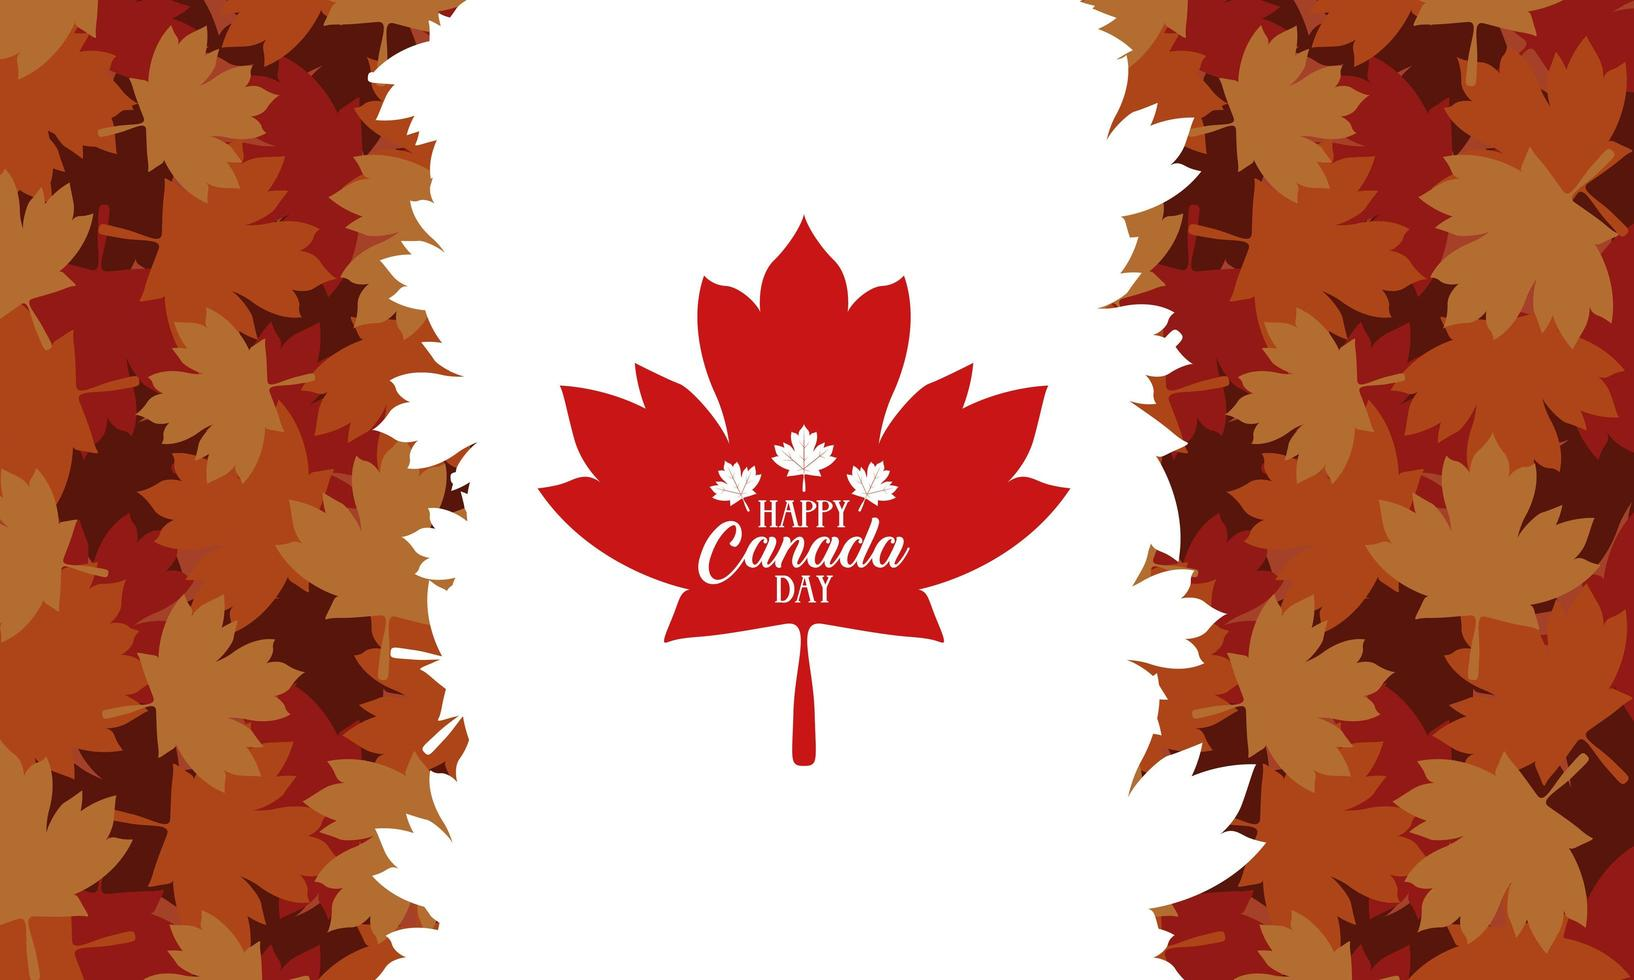 banner de celebração do feliz dia do Canadá com folhas de plátano vetor